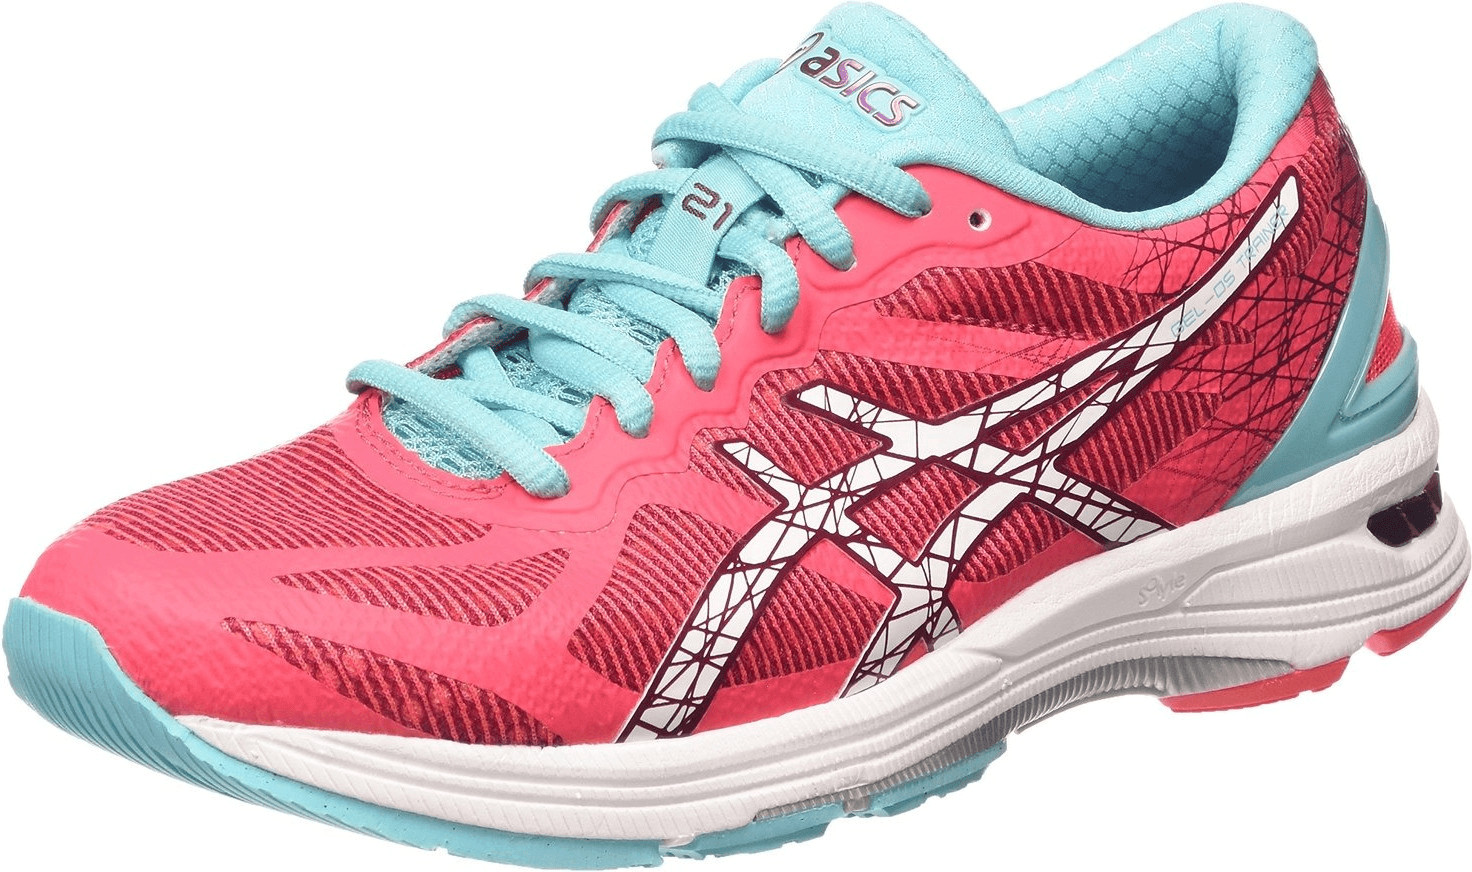 Asics Gel-DS Trainer 21 Women diva pink/white/t...